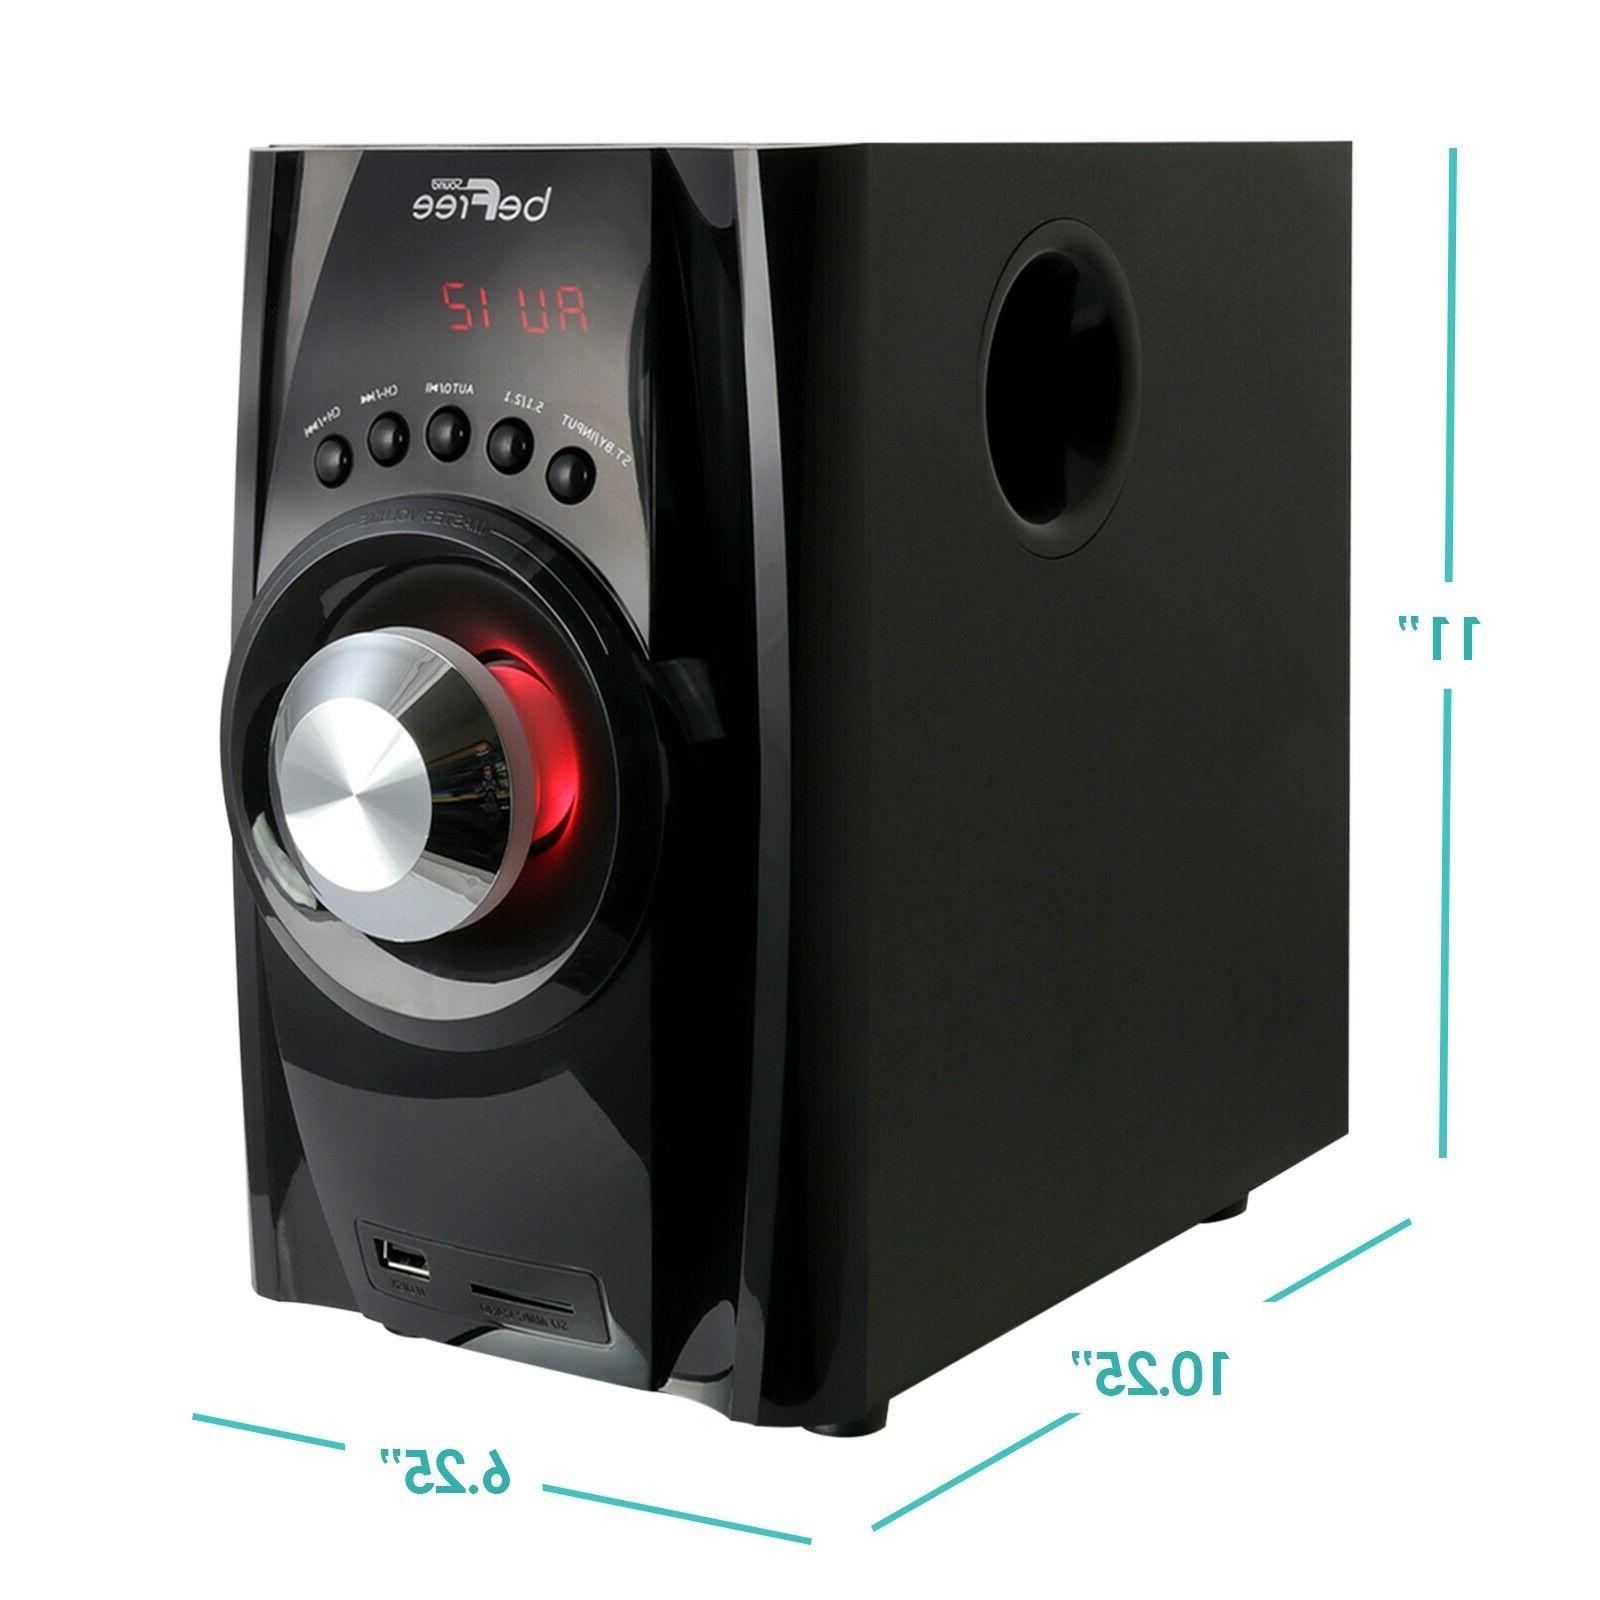 5.1 BFS-410 SURROUND SOUND SPEAKER -